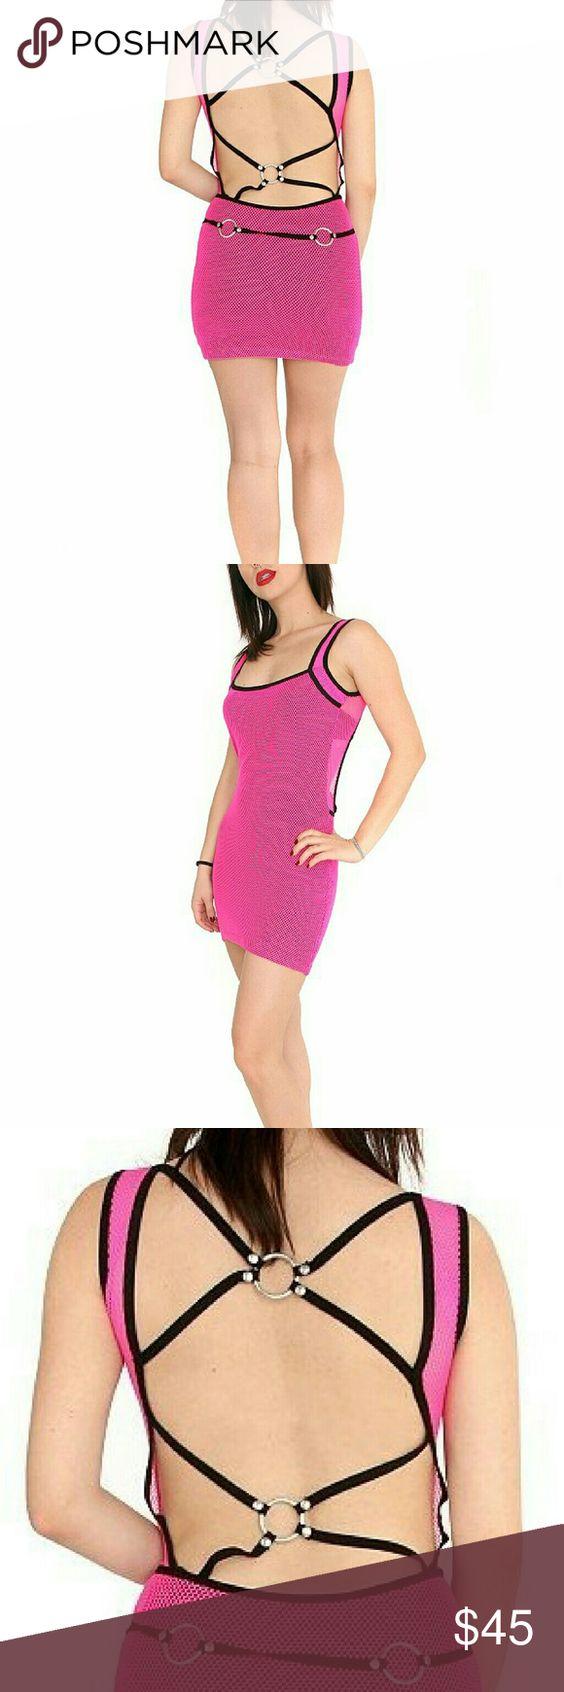 Lip service plus size dresses